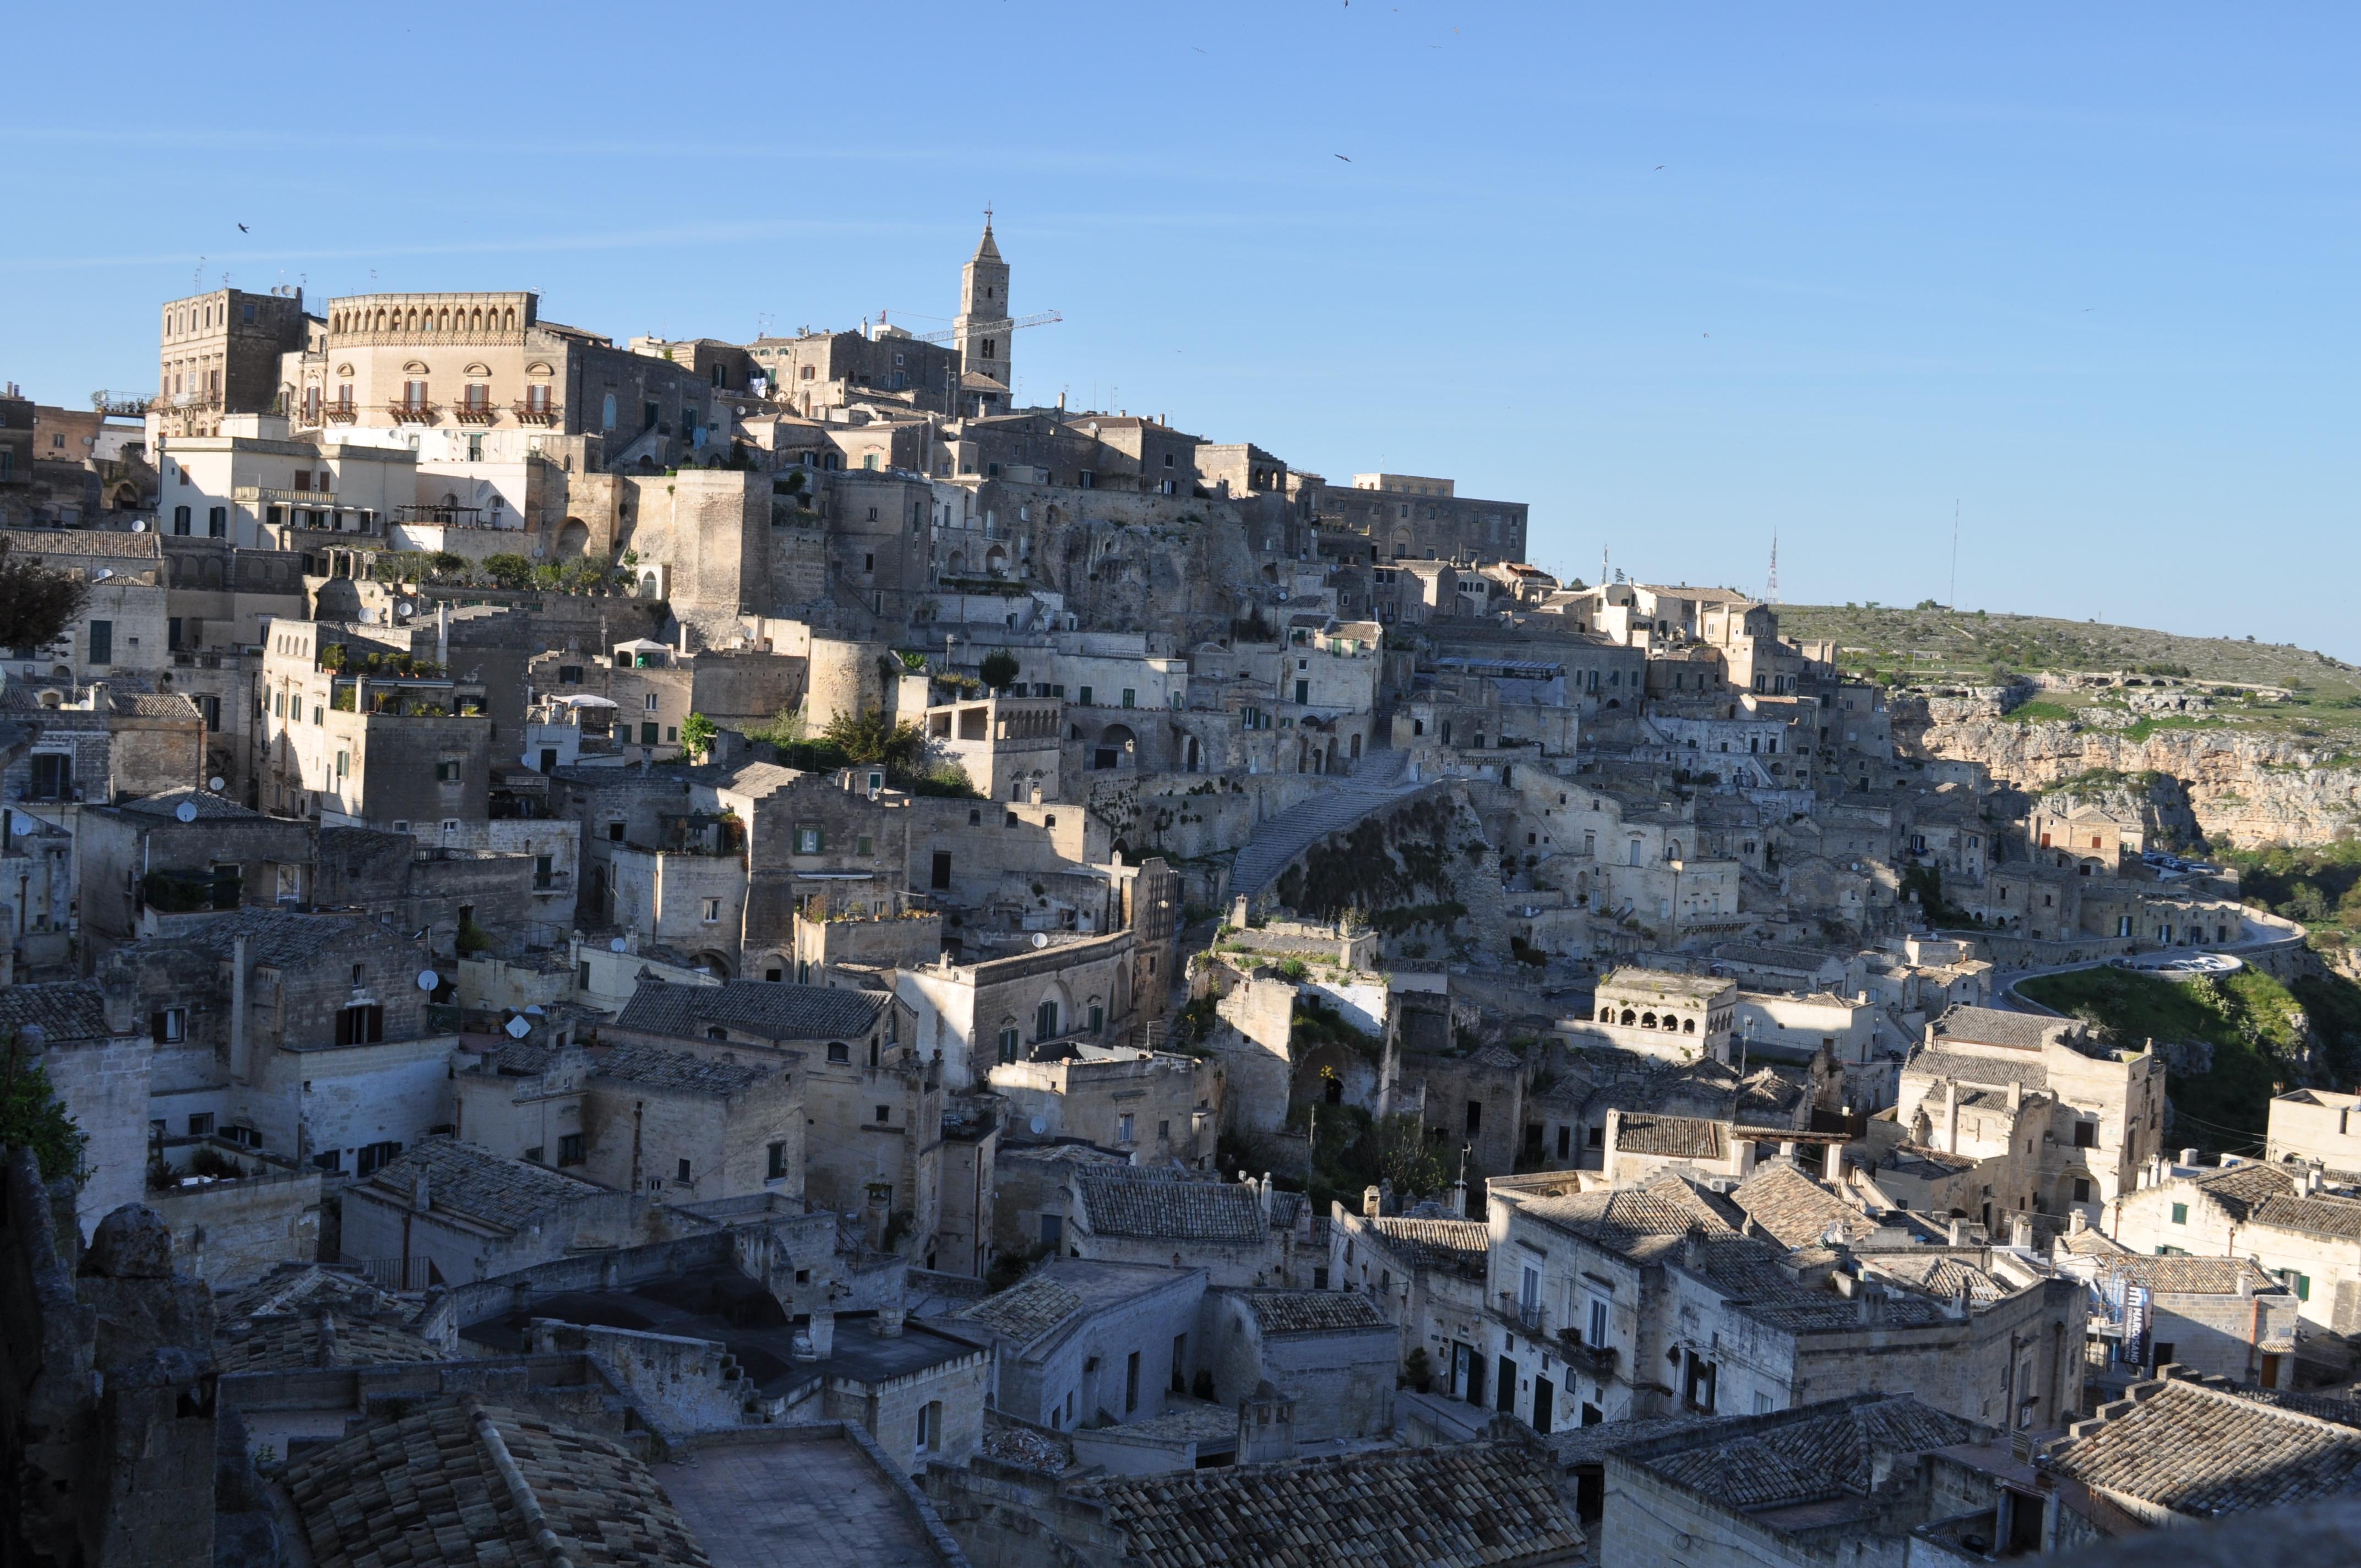 Matera - Vista da Piazzetta Pascoli